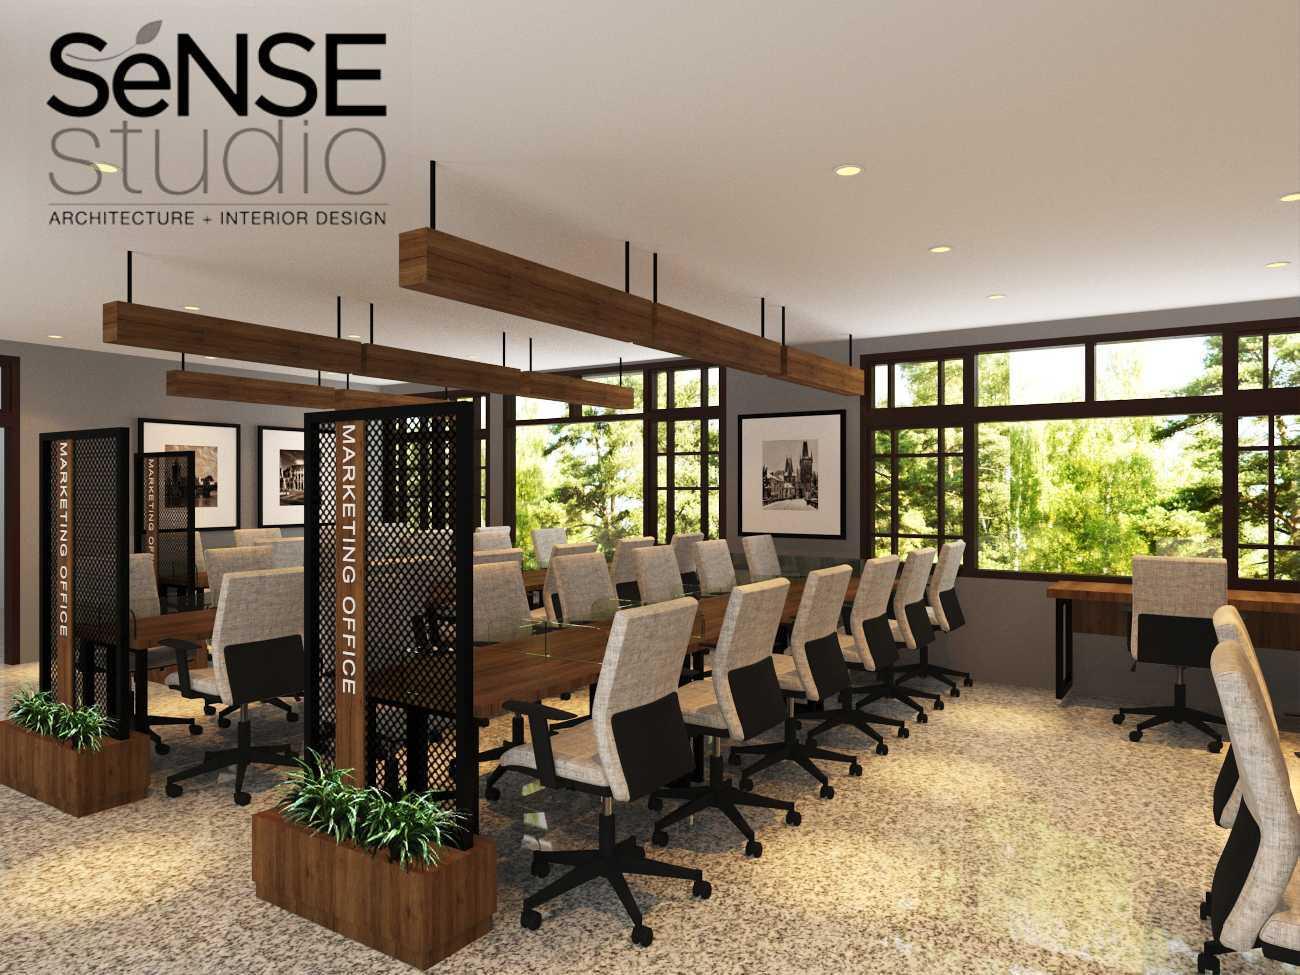 Sense Studio Kantor Propnex - Surabaya Surabaya, Kota Sby, Jawa Timur, Indonesia Surabaya, Kota Sby, Jawa Timur, Indonesia Sense-Studio-Propnex-Office  77767